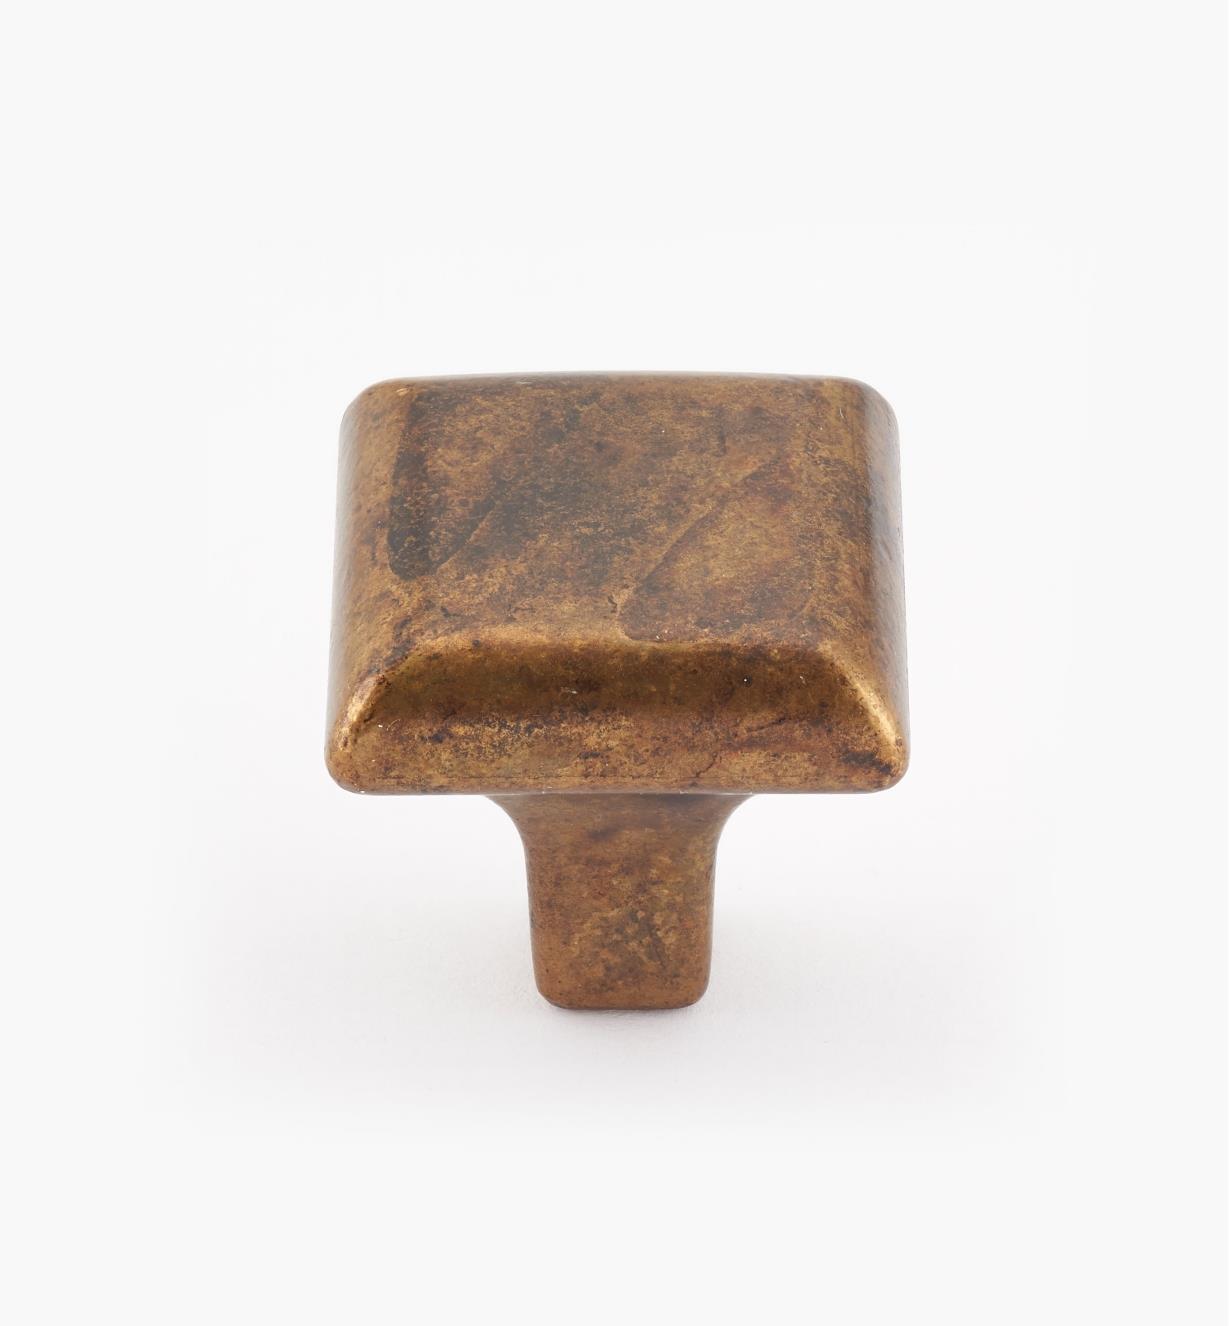 01X4005 - Bouton carré classique, fini laiton ancien, 25 mm x 25 mm x 27 mm